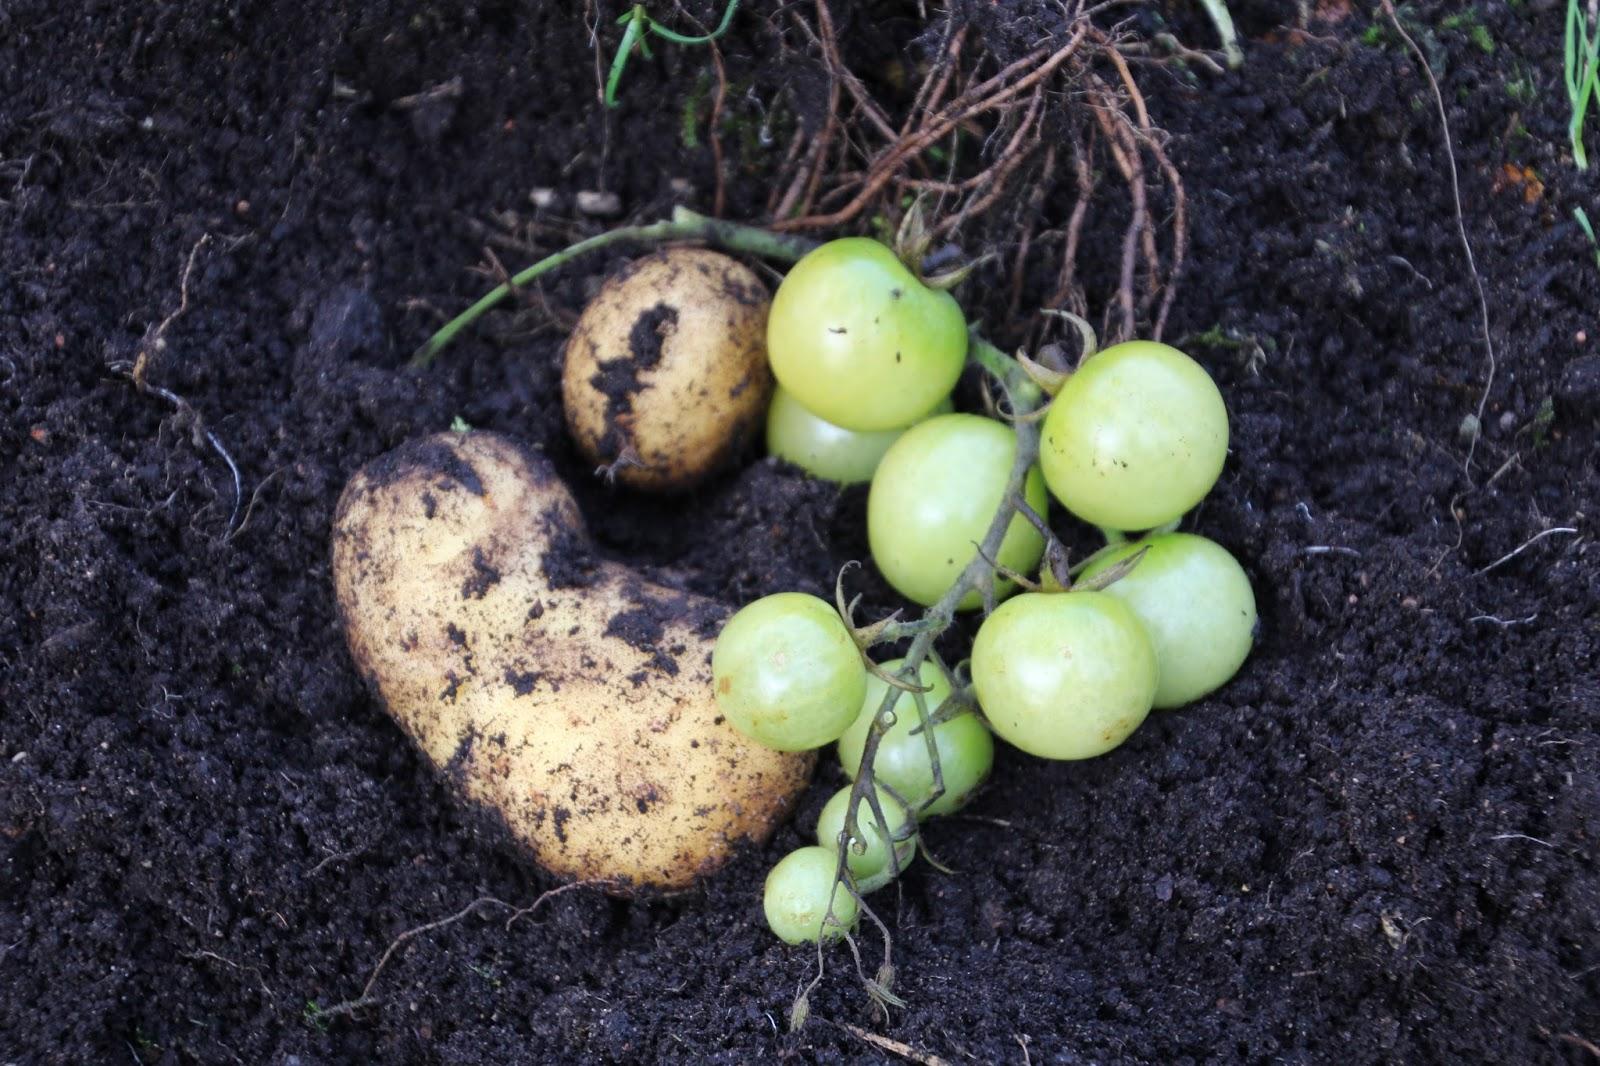 potatom tomat och potatis på samma planta